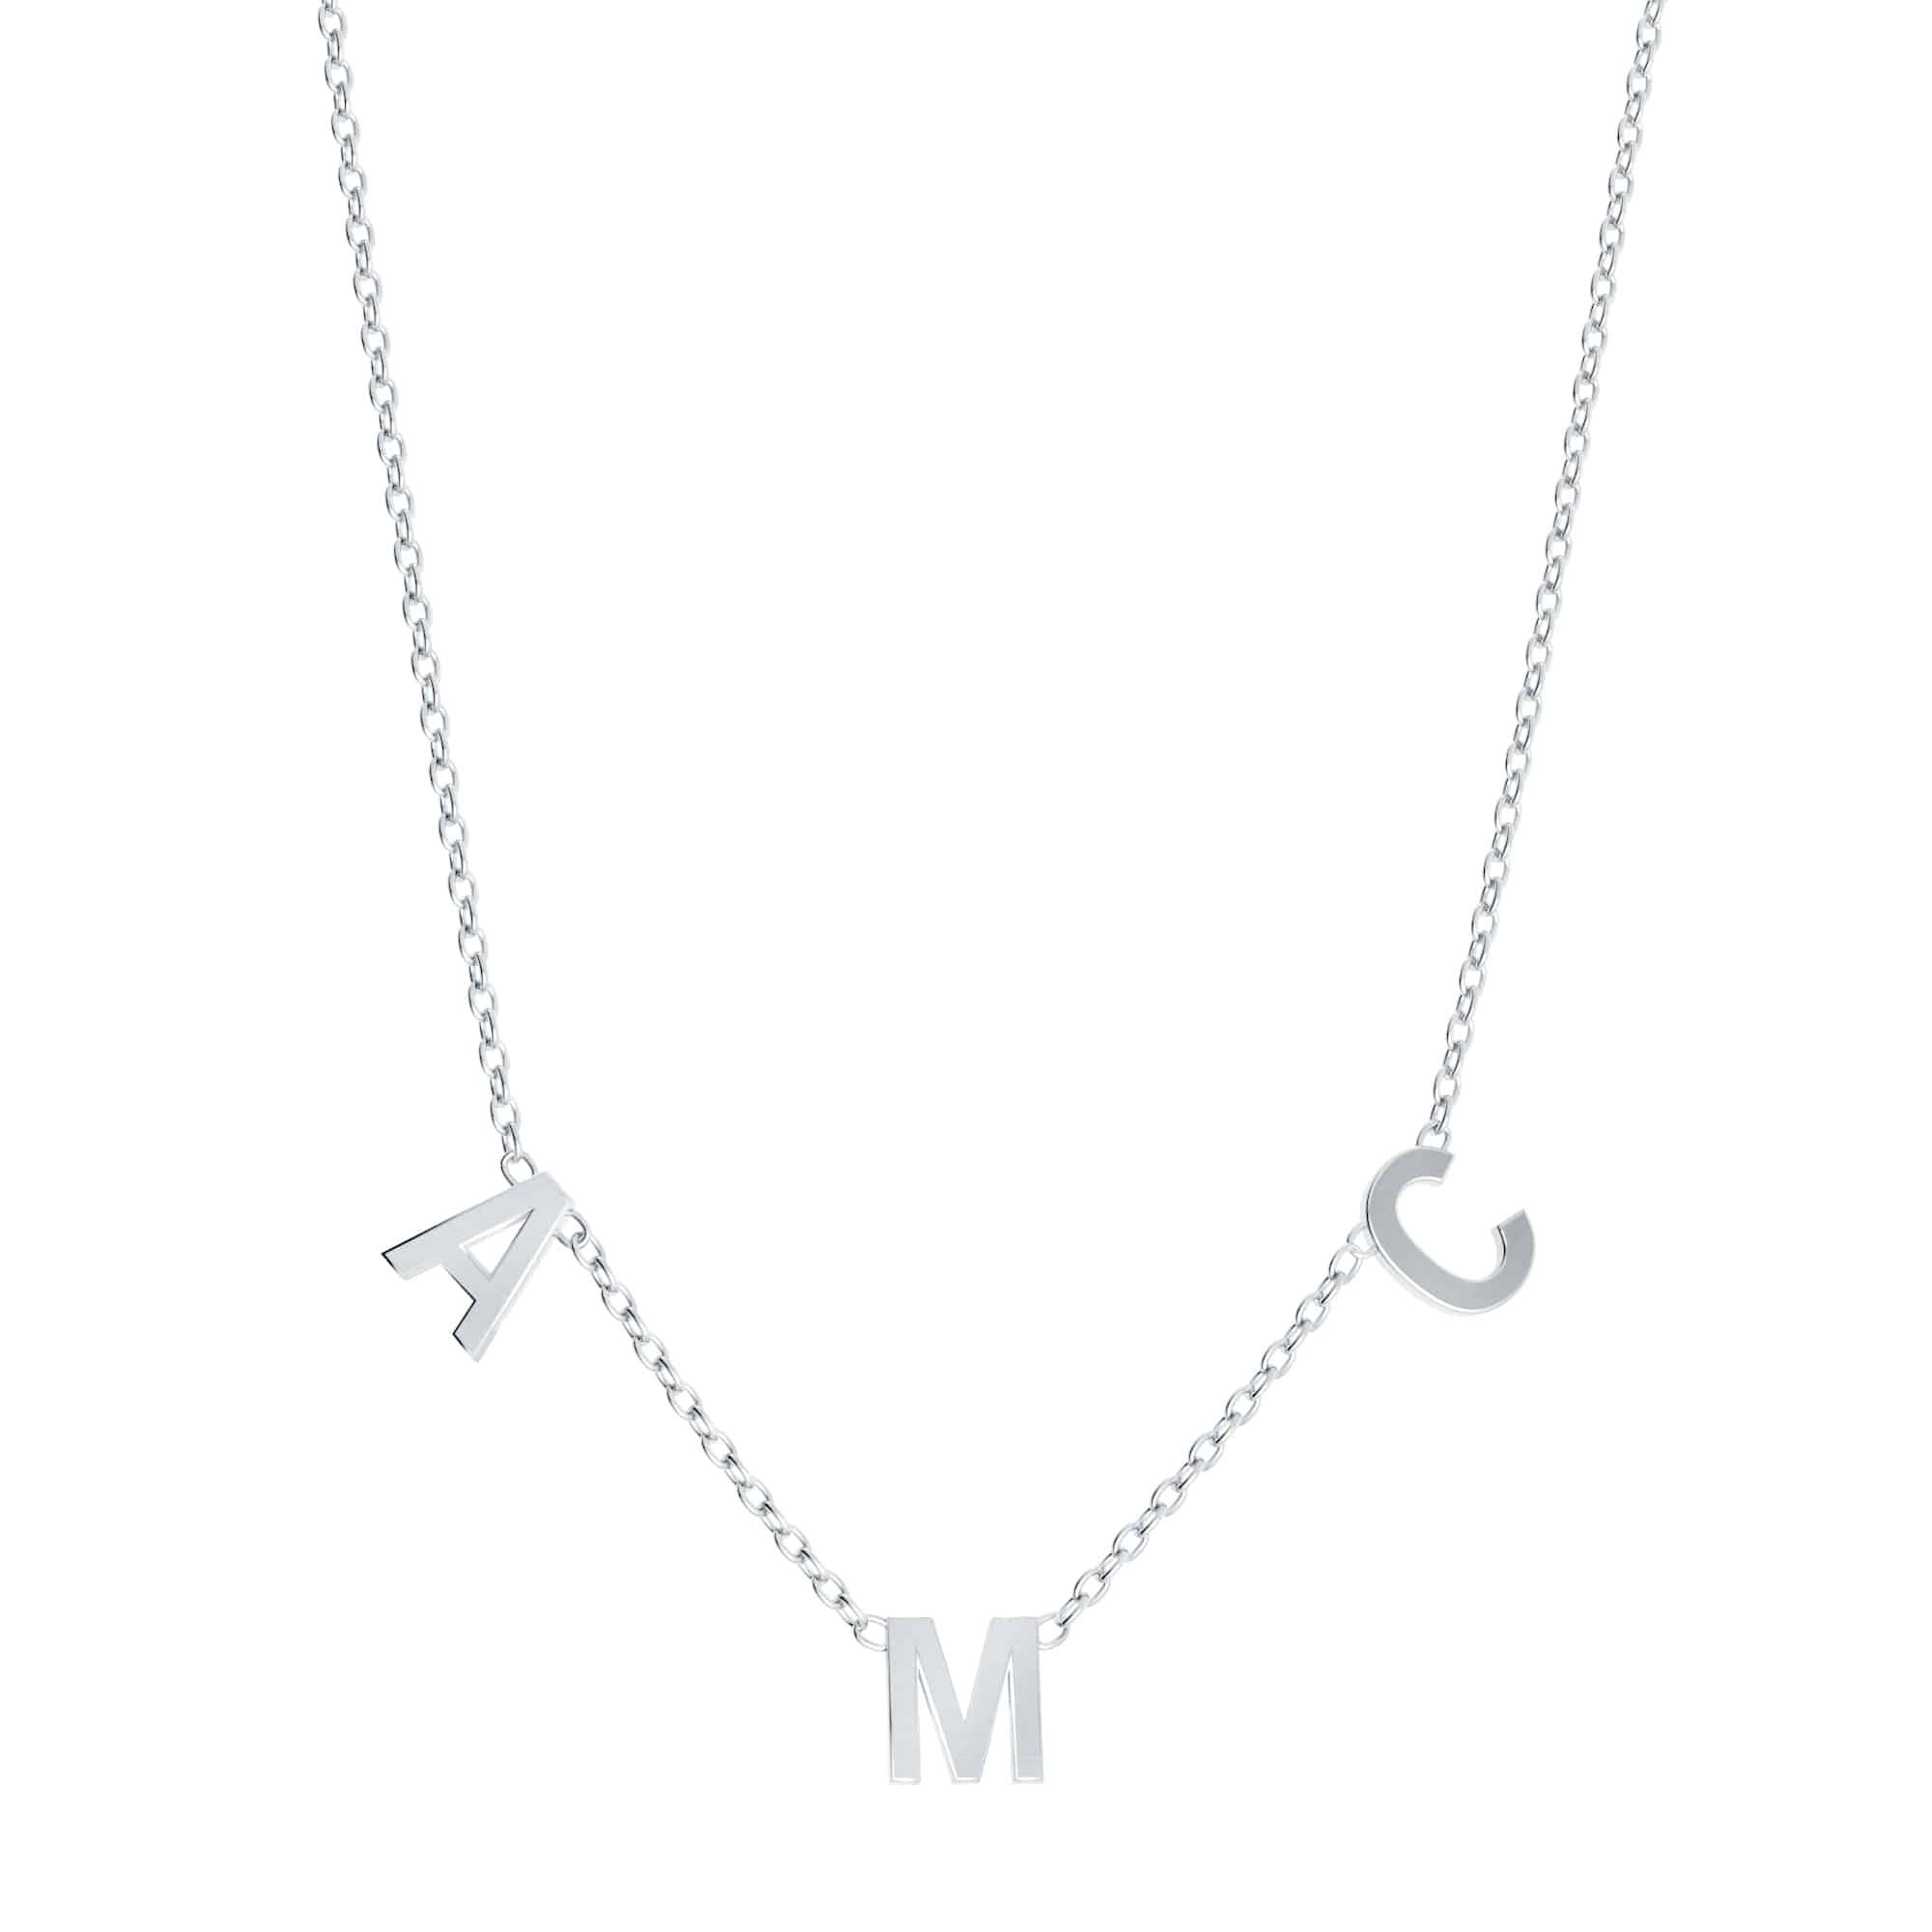 Collier 3 lettres personnalisées - Or blanc 18 carats